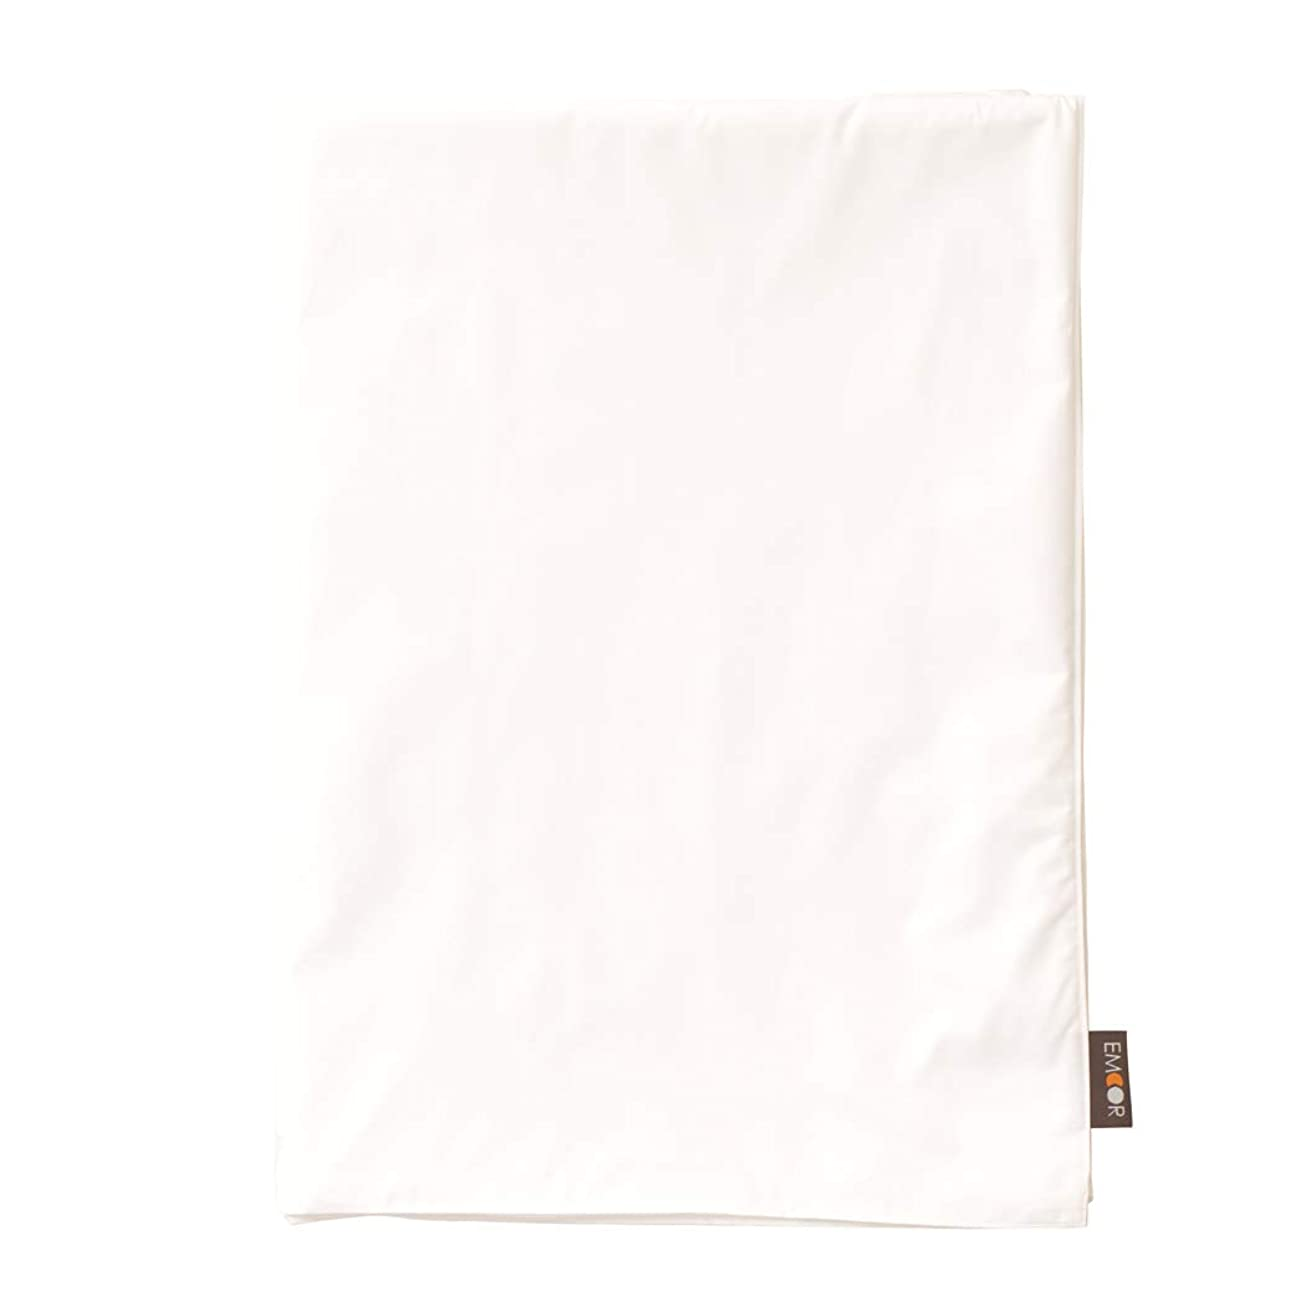 シロクマ戦術占めるエムール 日本製 防ダニ 敷きカバー シングル 東洋紡アルファイン ホワイト